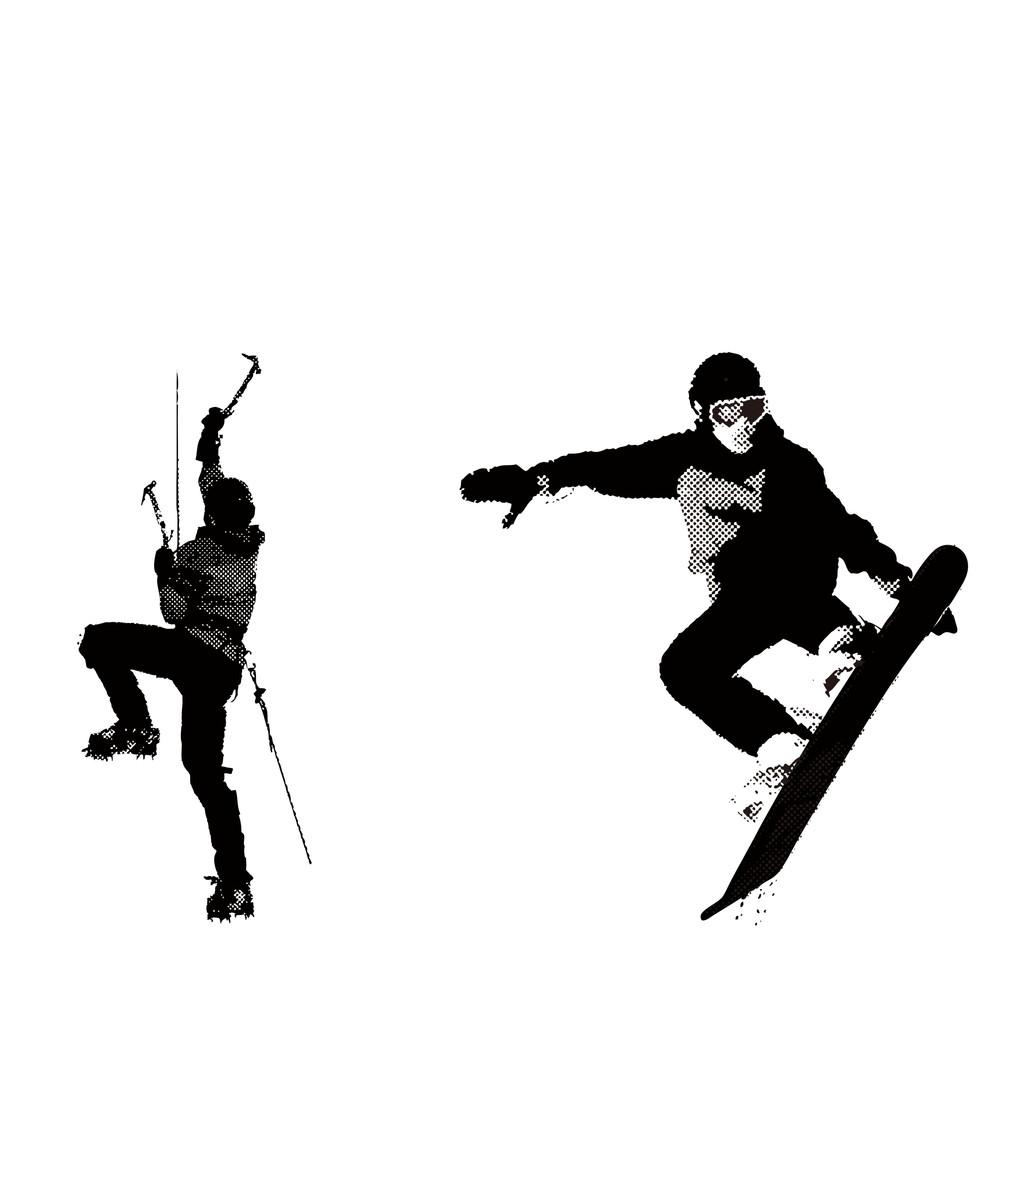 运动人物简笔画人物剪影滑雪运动员